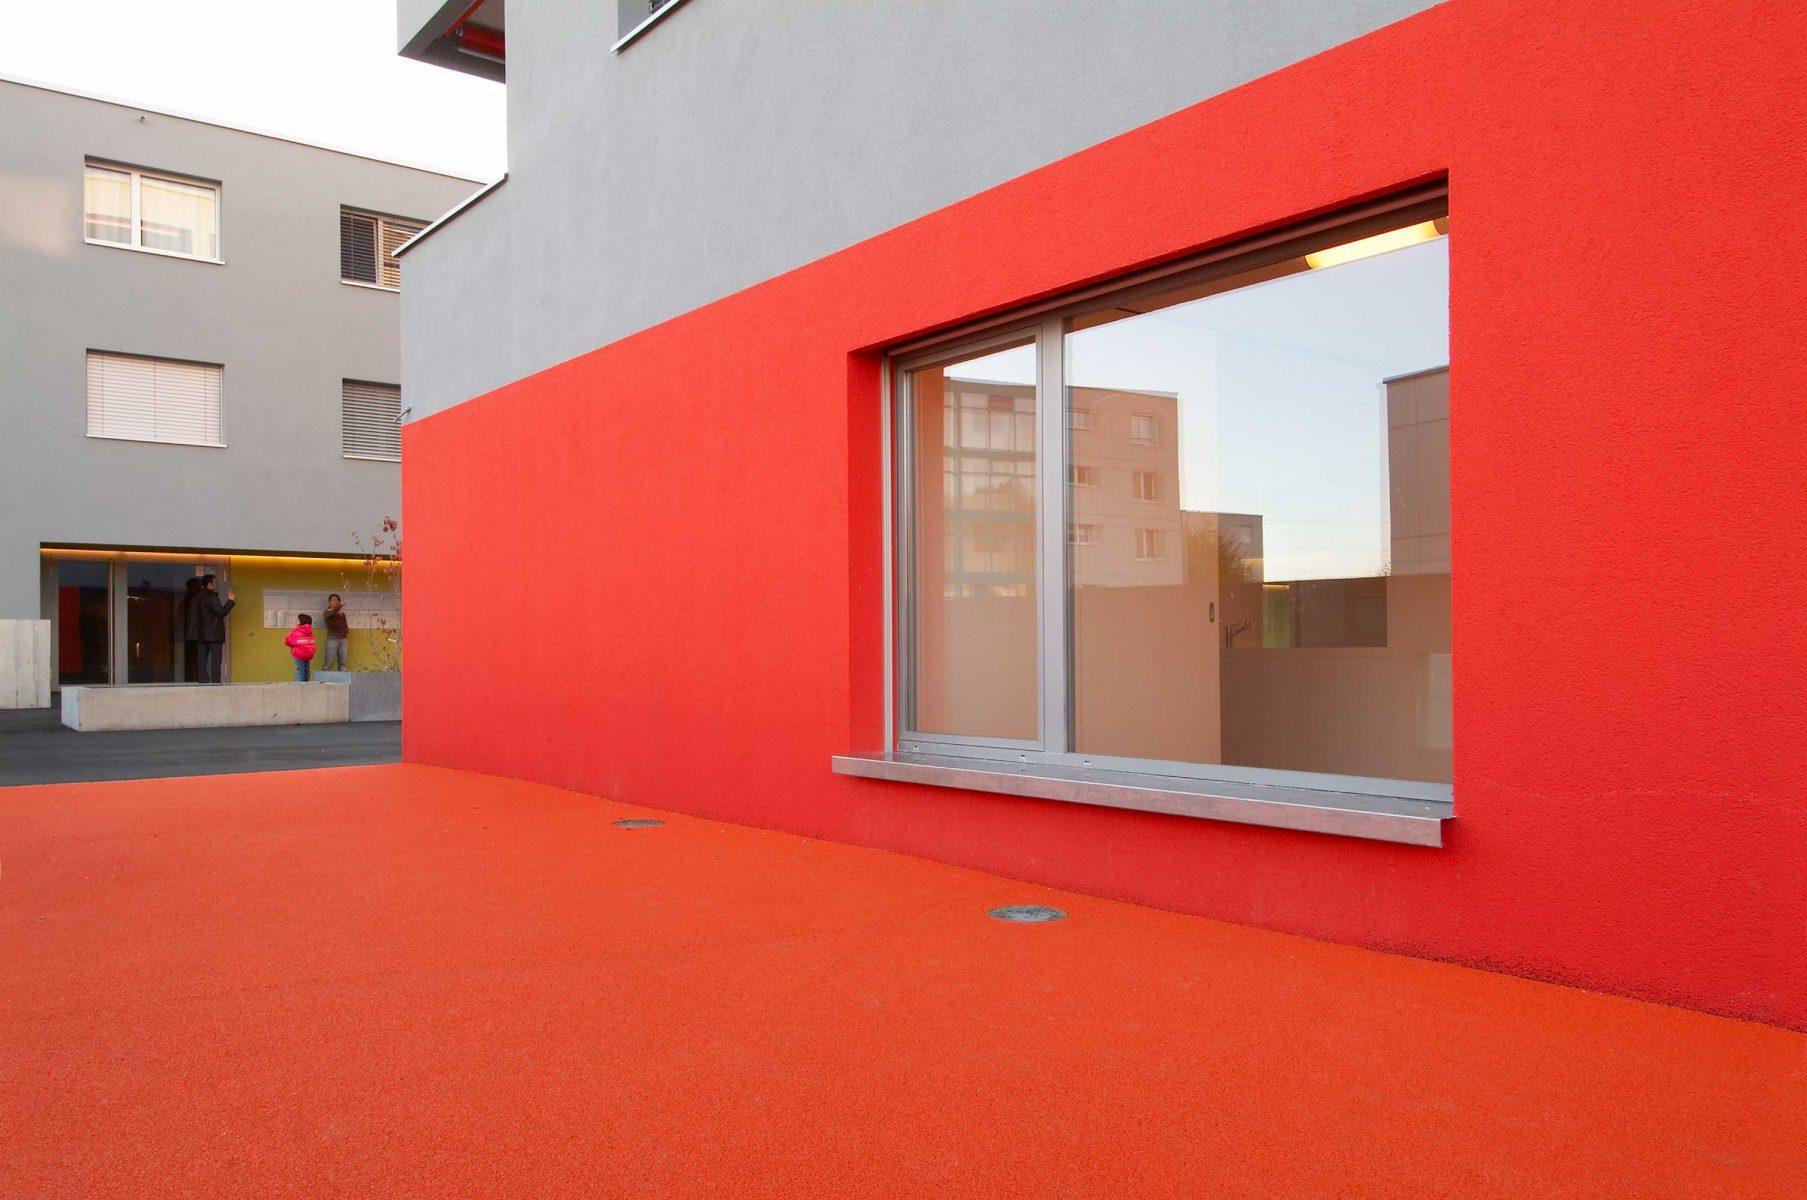 garderie Clochatte-000813